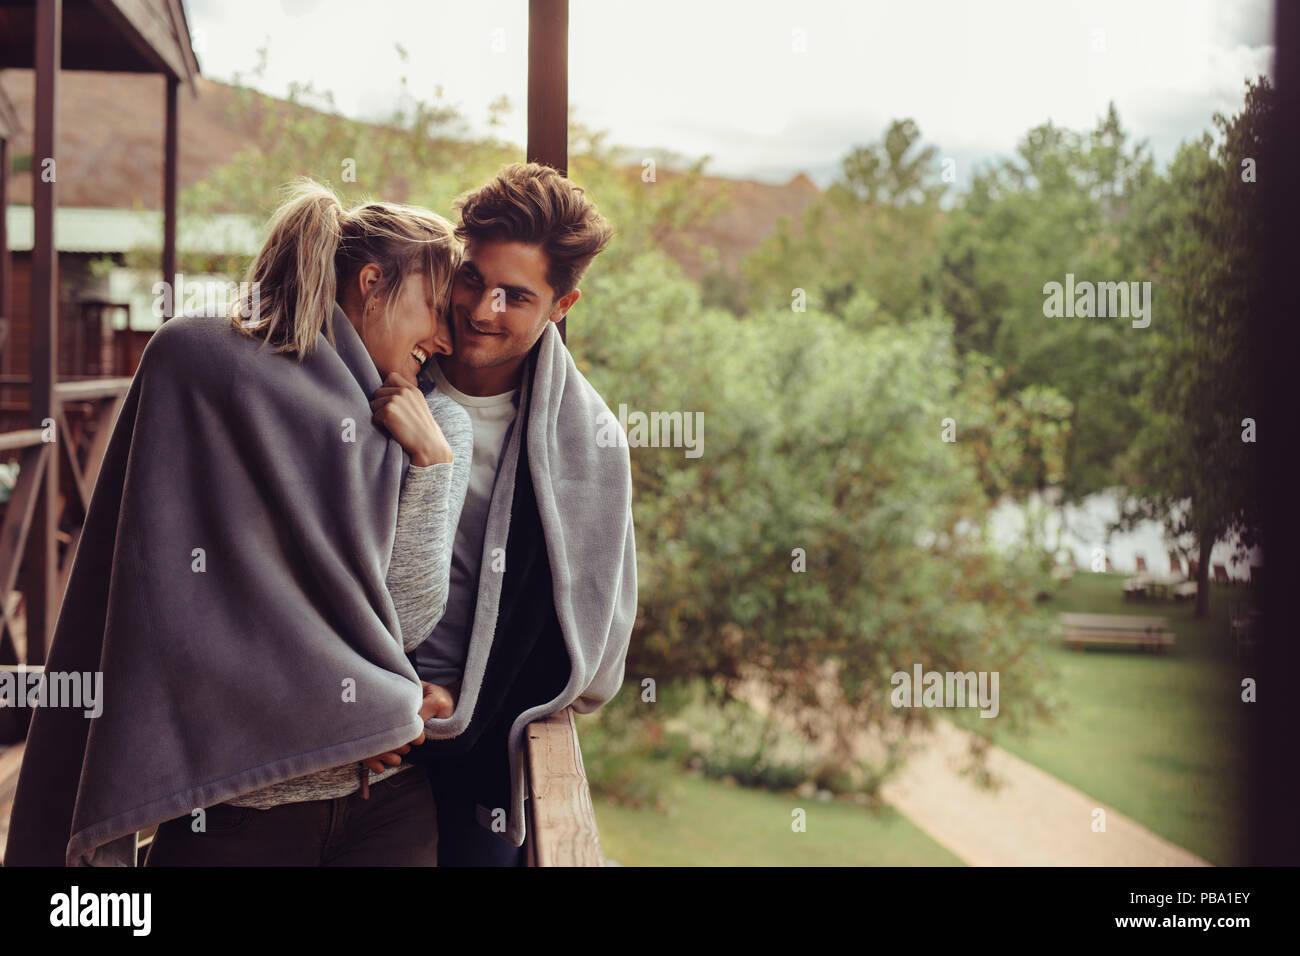 Liebevoller Mann und Frau, die in ihrem Hotel Zimmer Balkon in Decke gewickelt. Romantisches Paar in einer Decke gemeinsam auf Winterurlaub. Stockbild